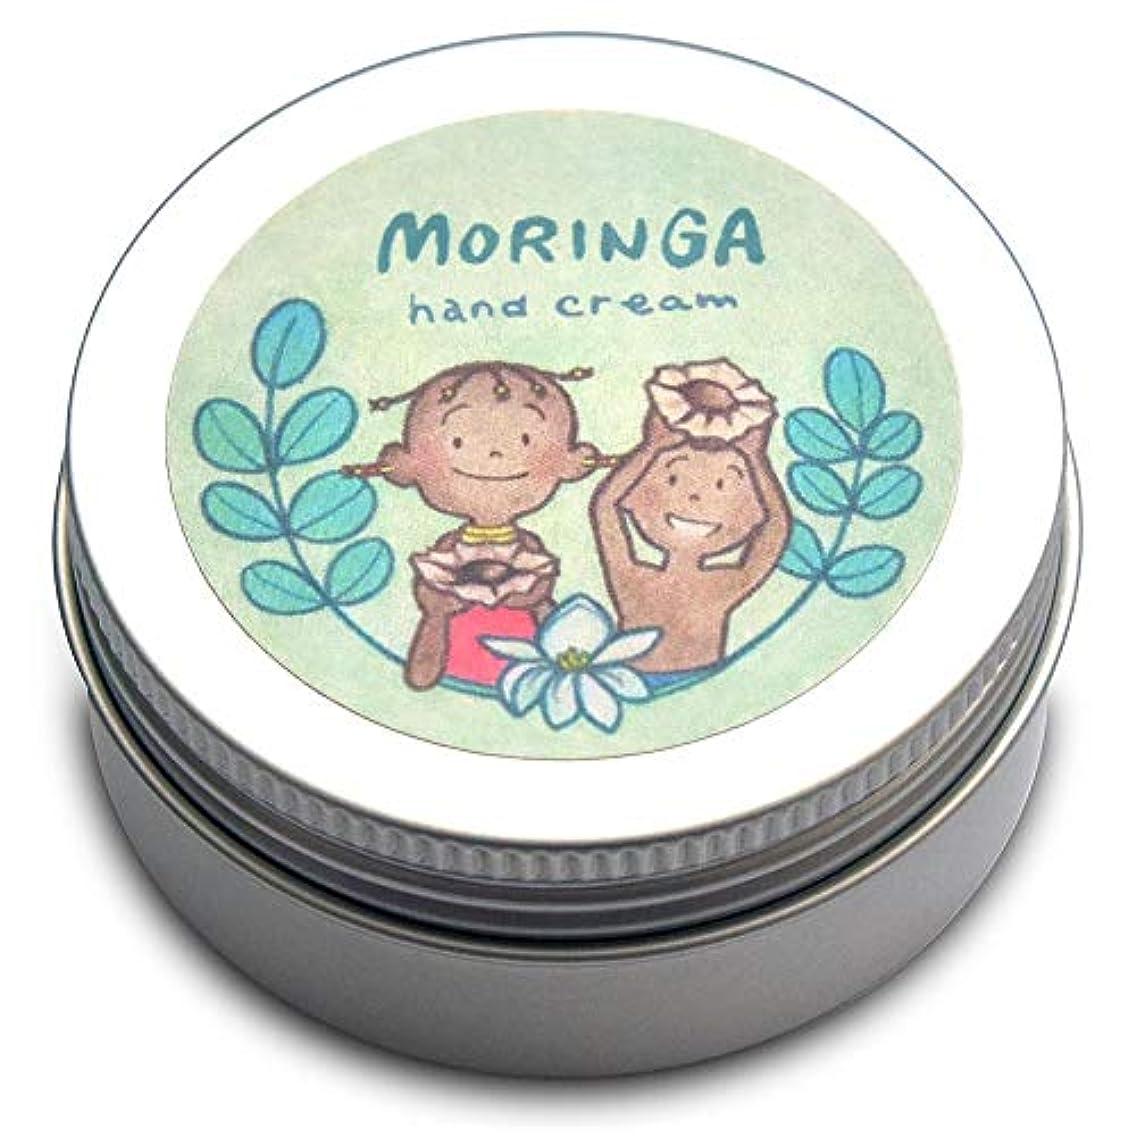 嵐コーヒー支払いMORINGA モリンガハンドクリーム 30g